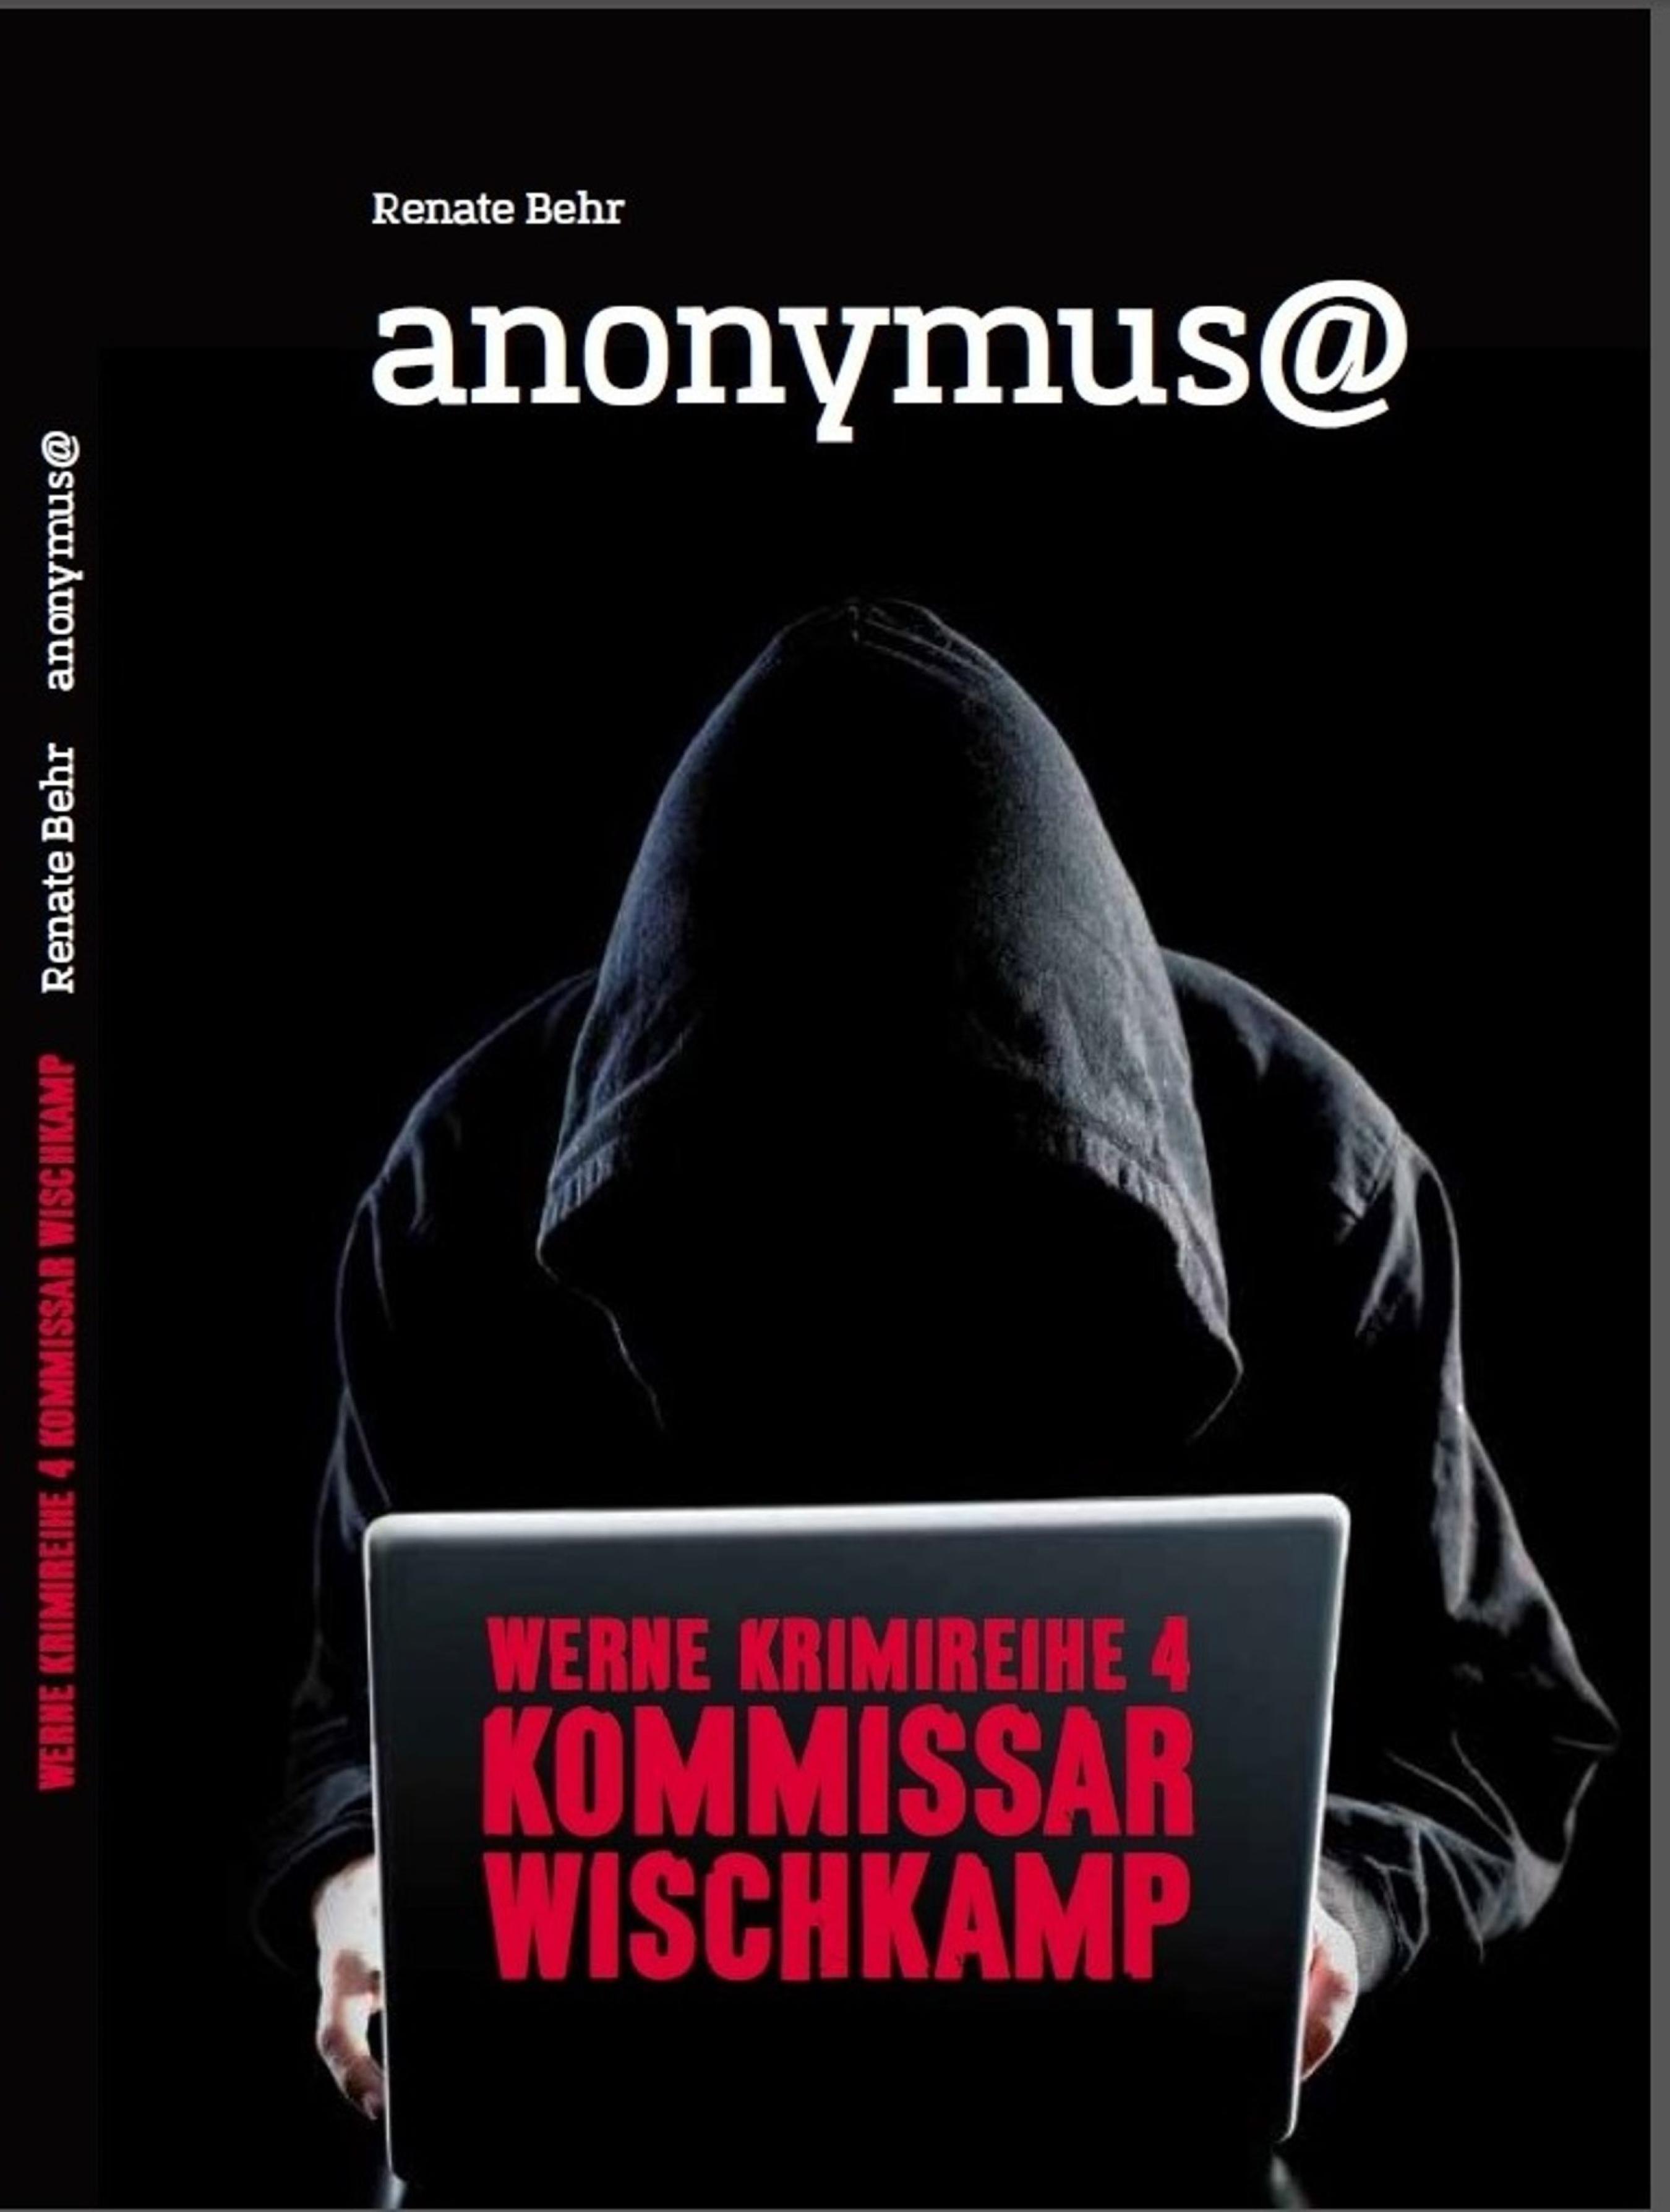 Renate Behr Kommissar Wischkamp: Anonymus@